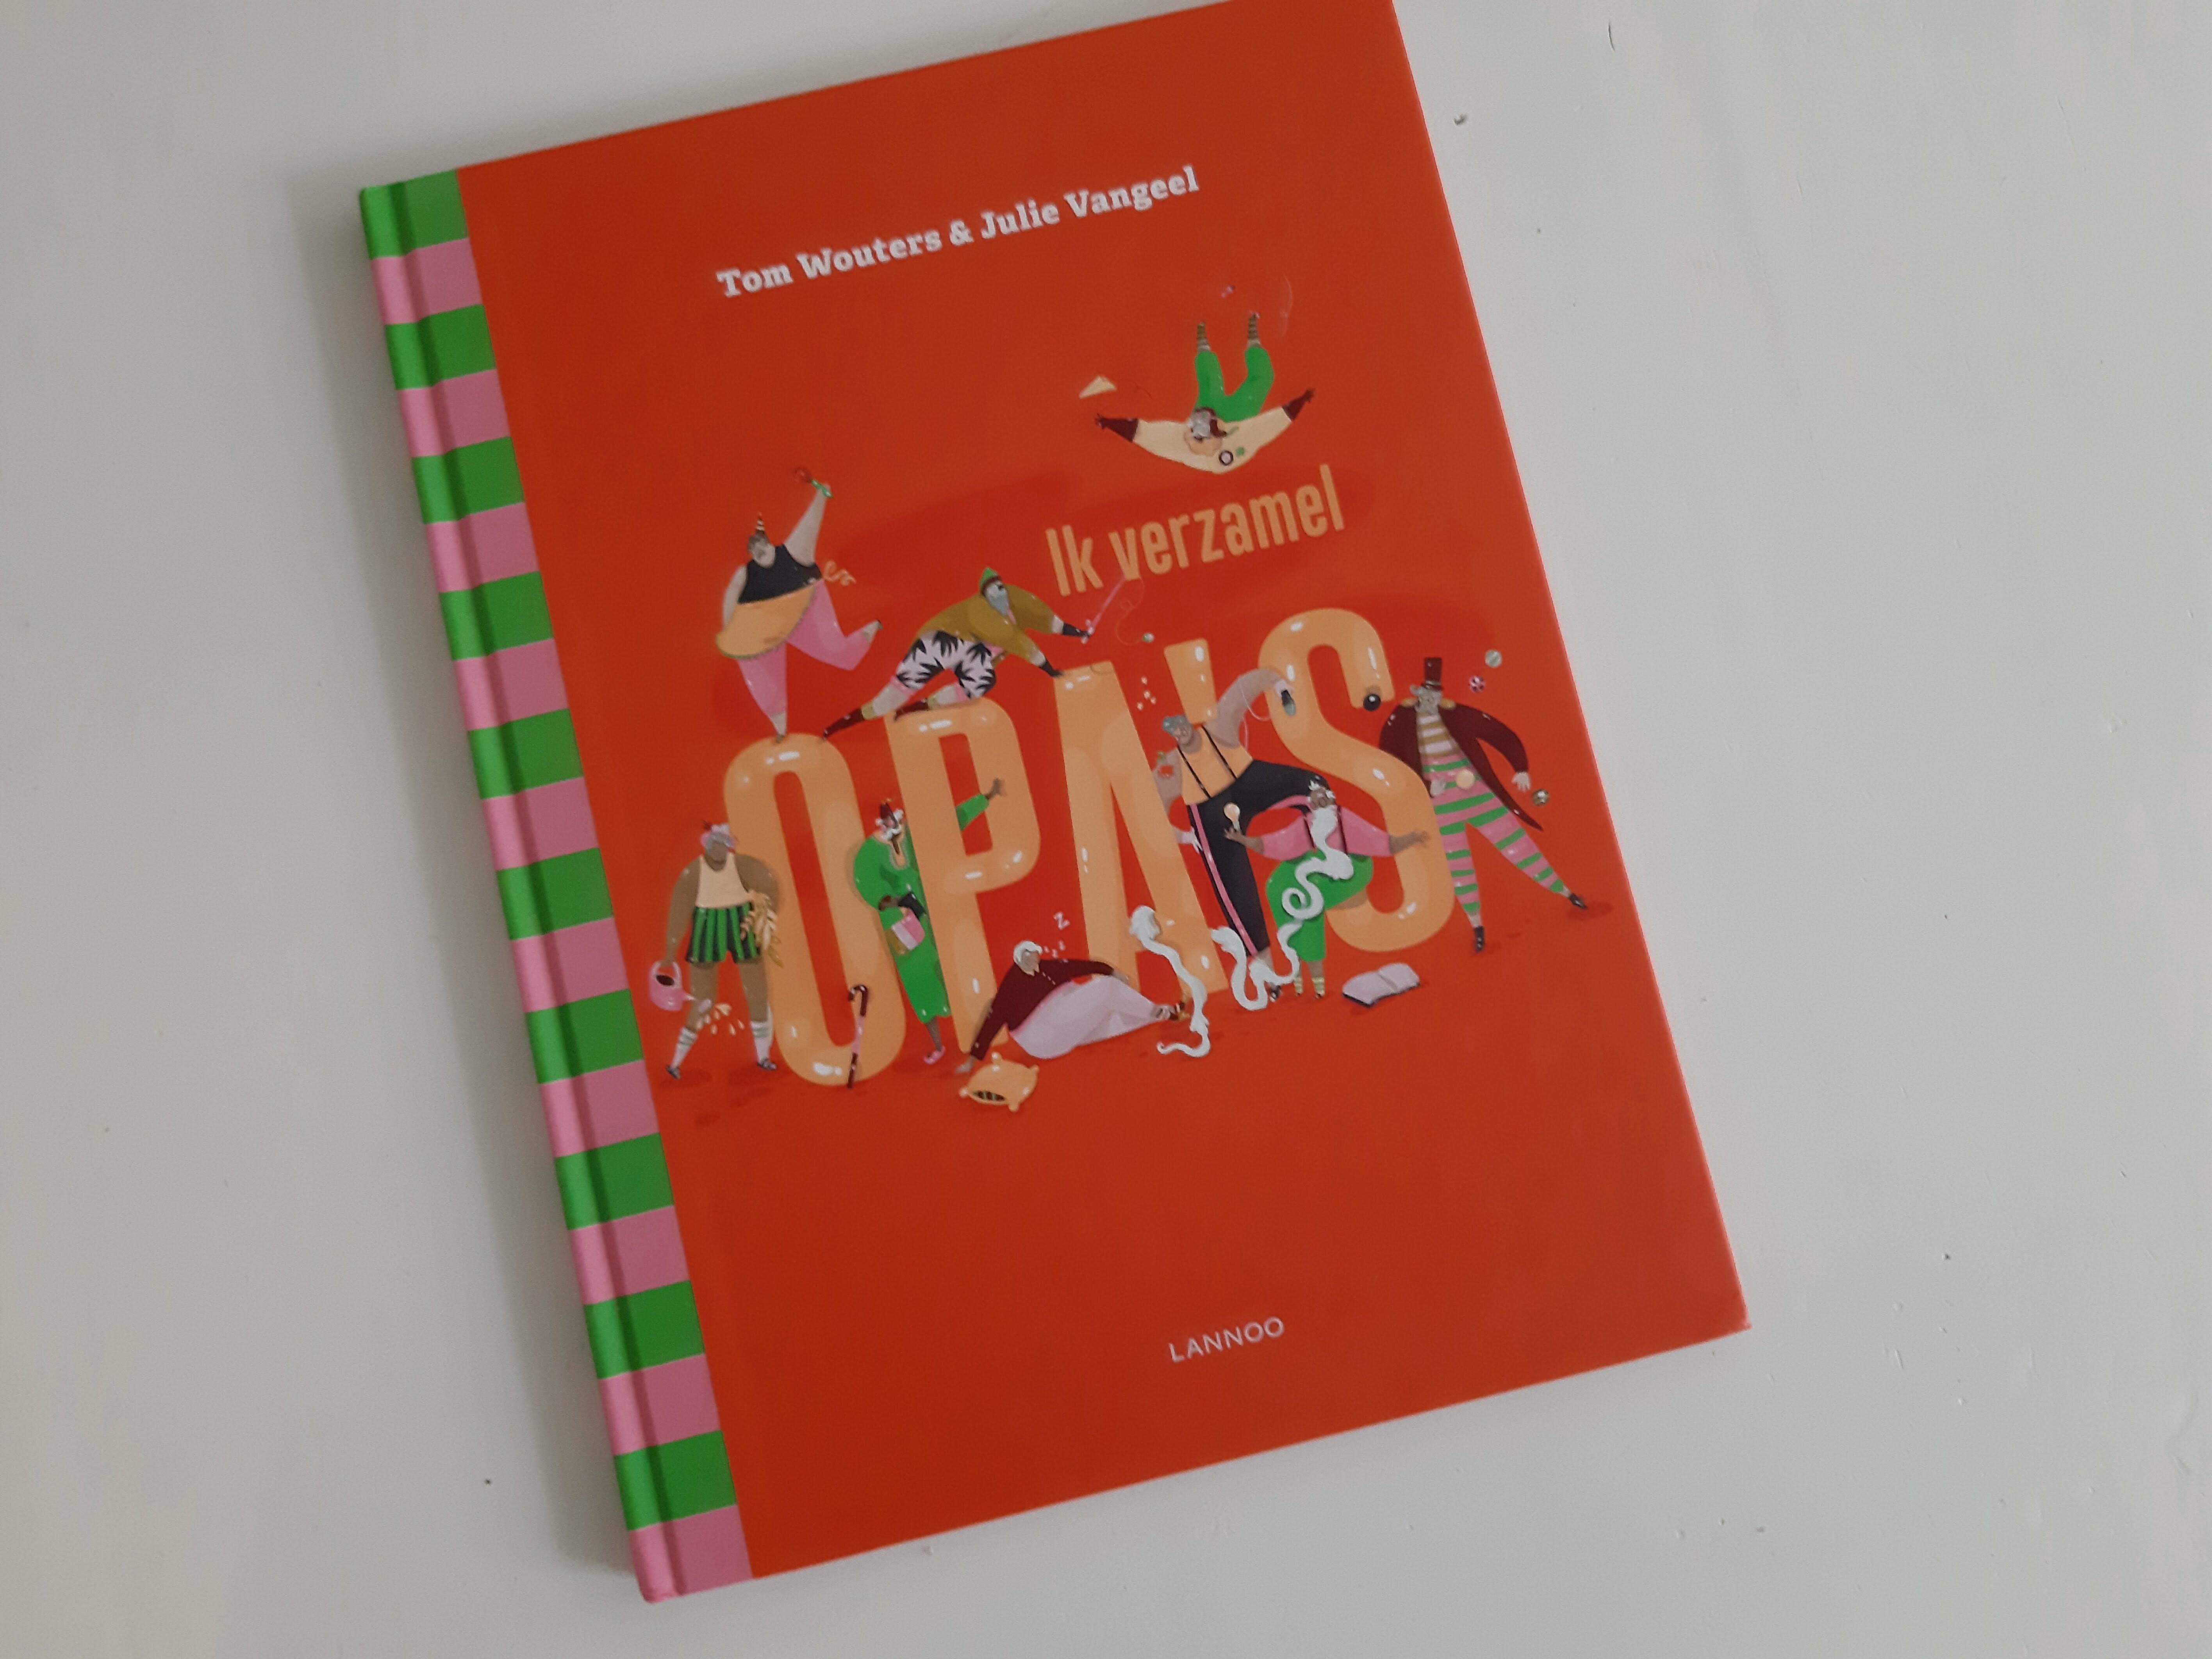 kinderboeken recensie moedersnu moedertjelief zulutions ik verzamel opa's2